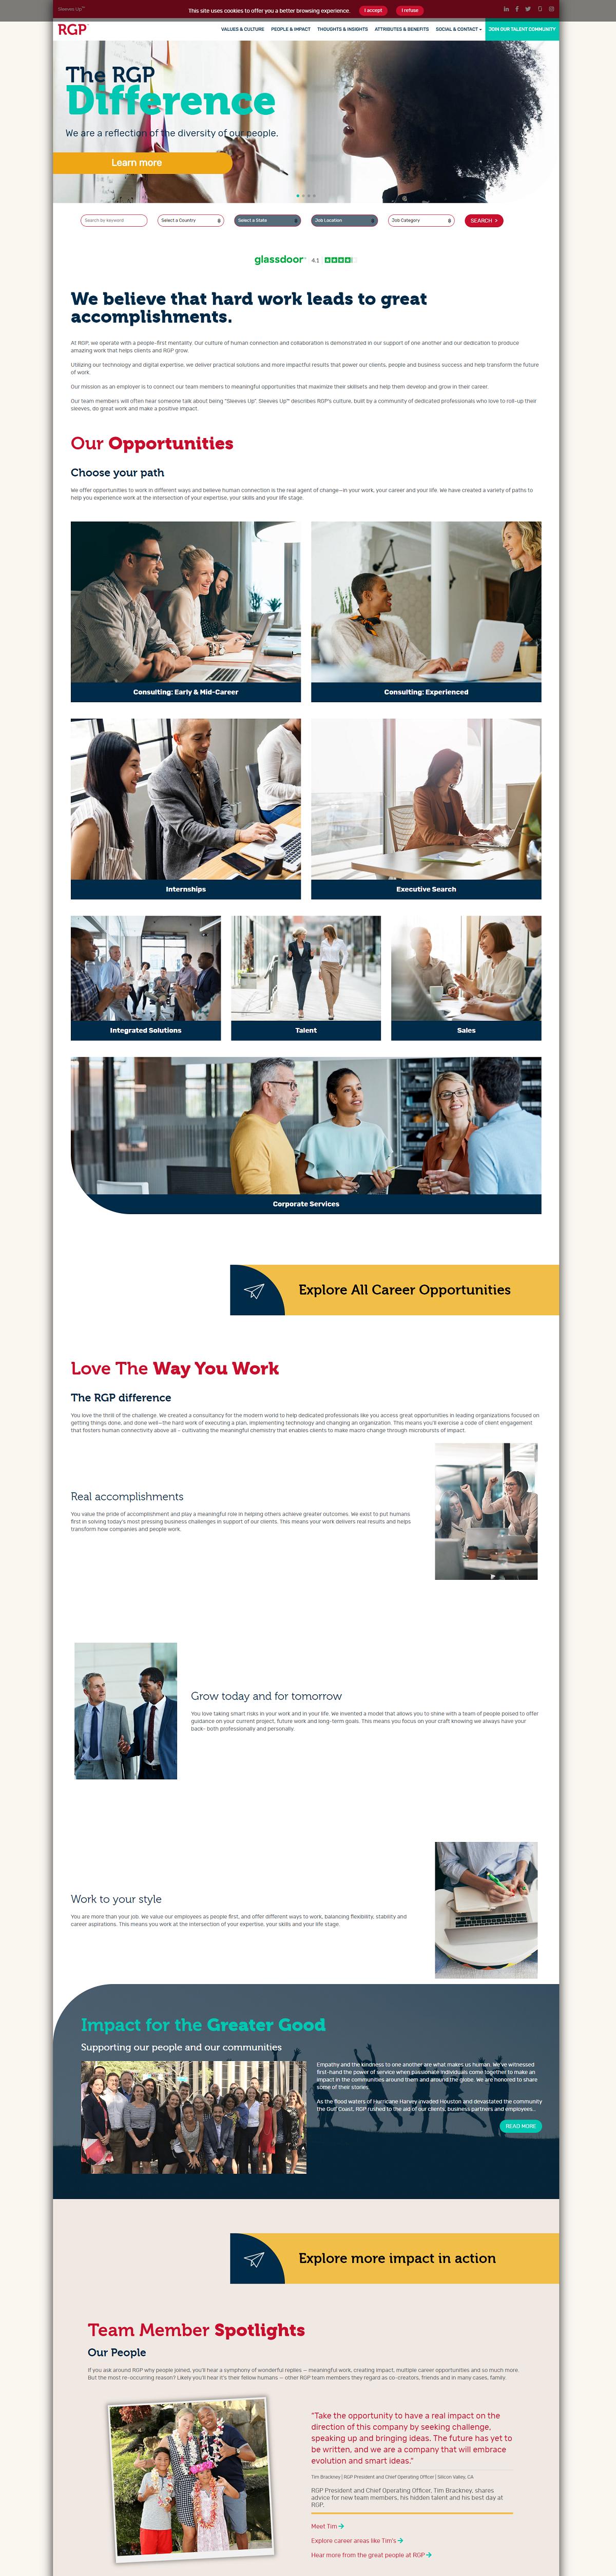 RGP career page